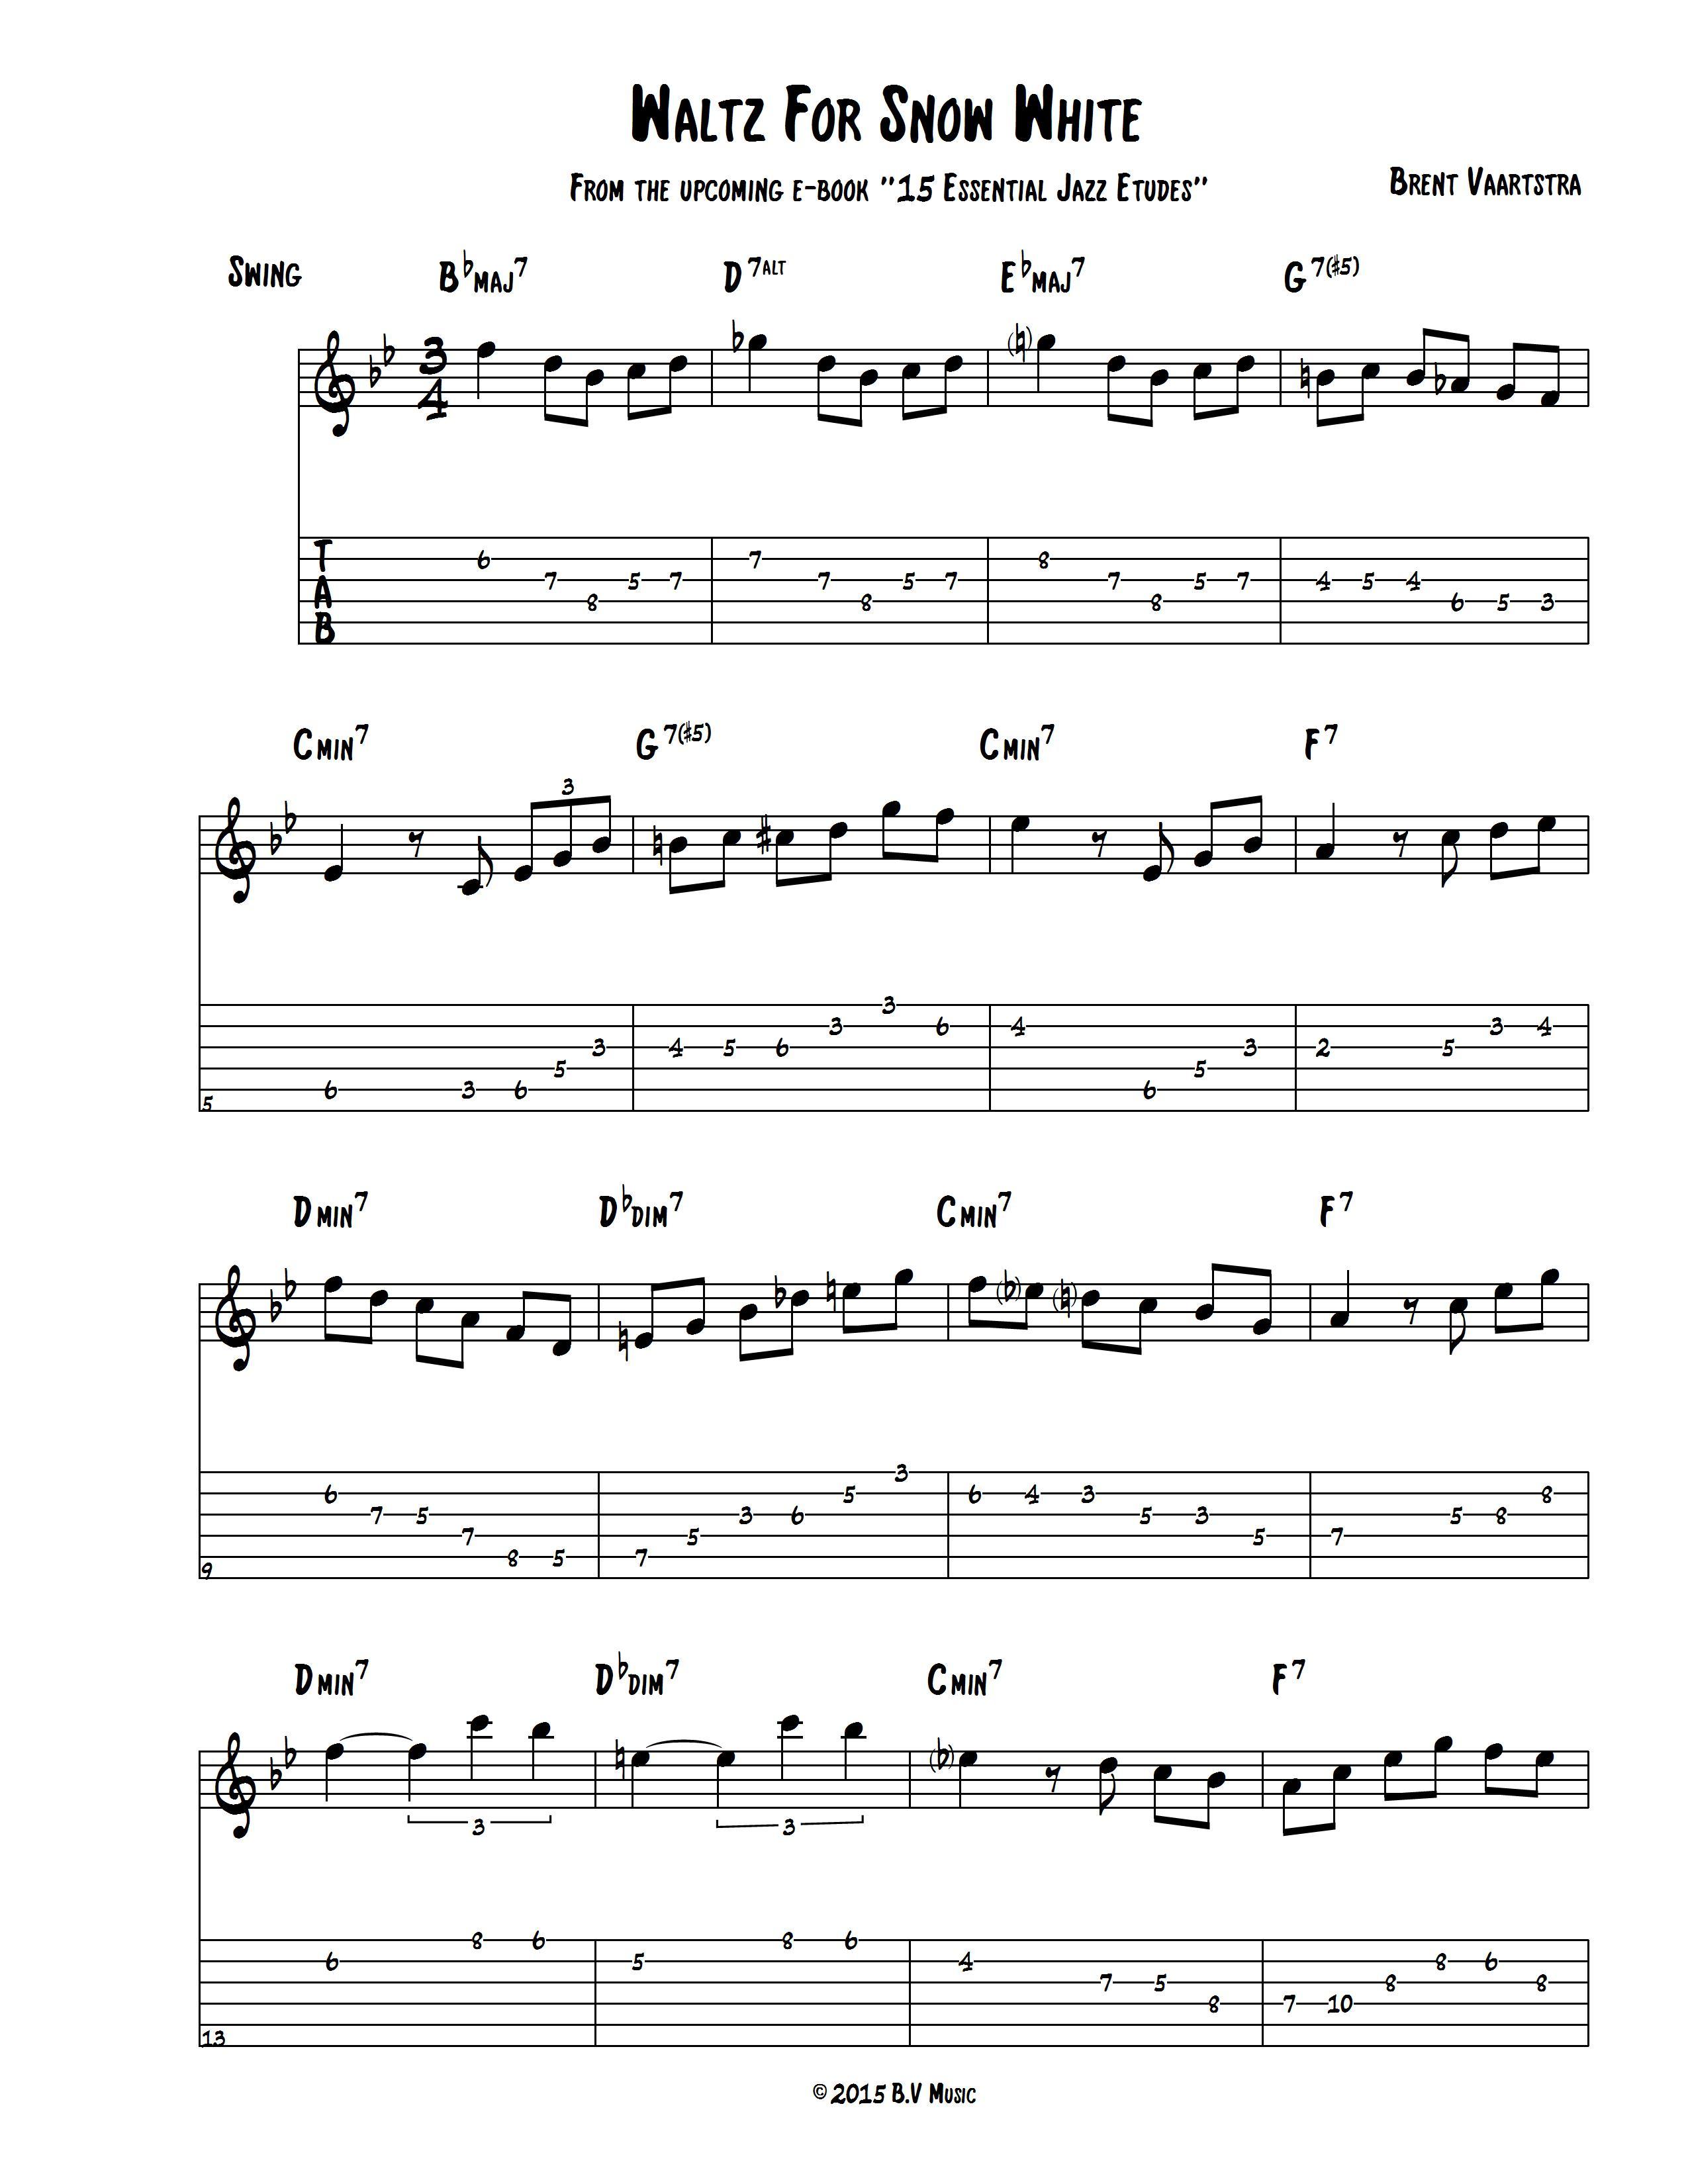 Jazz Etude: Waltz For Snow White - Learn Jazz Standards